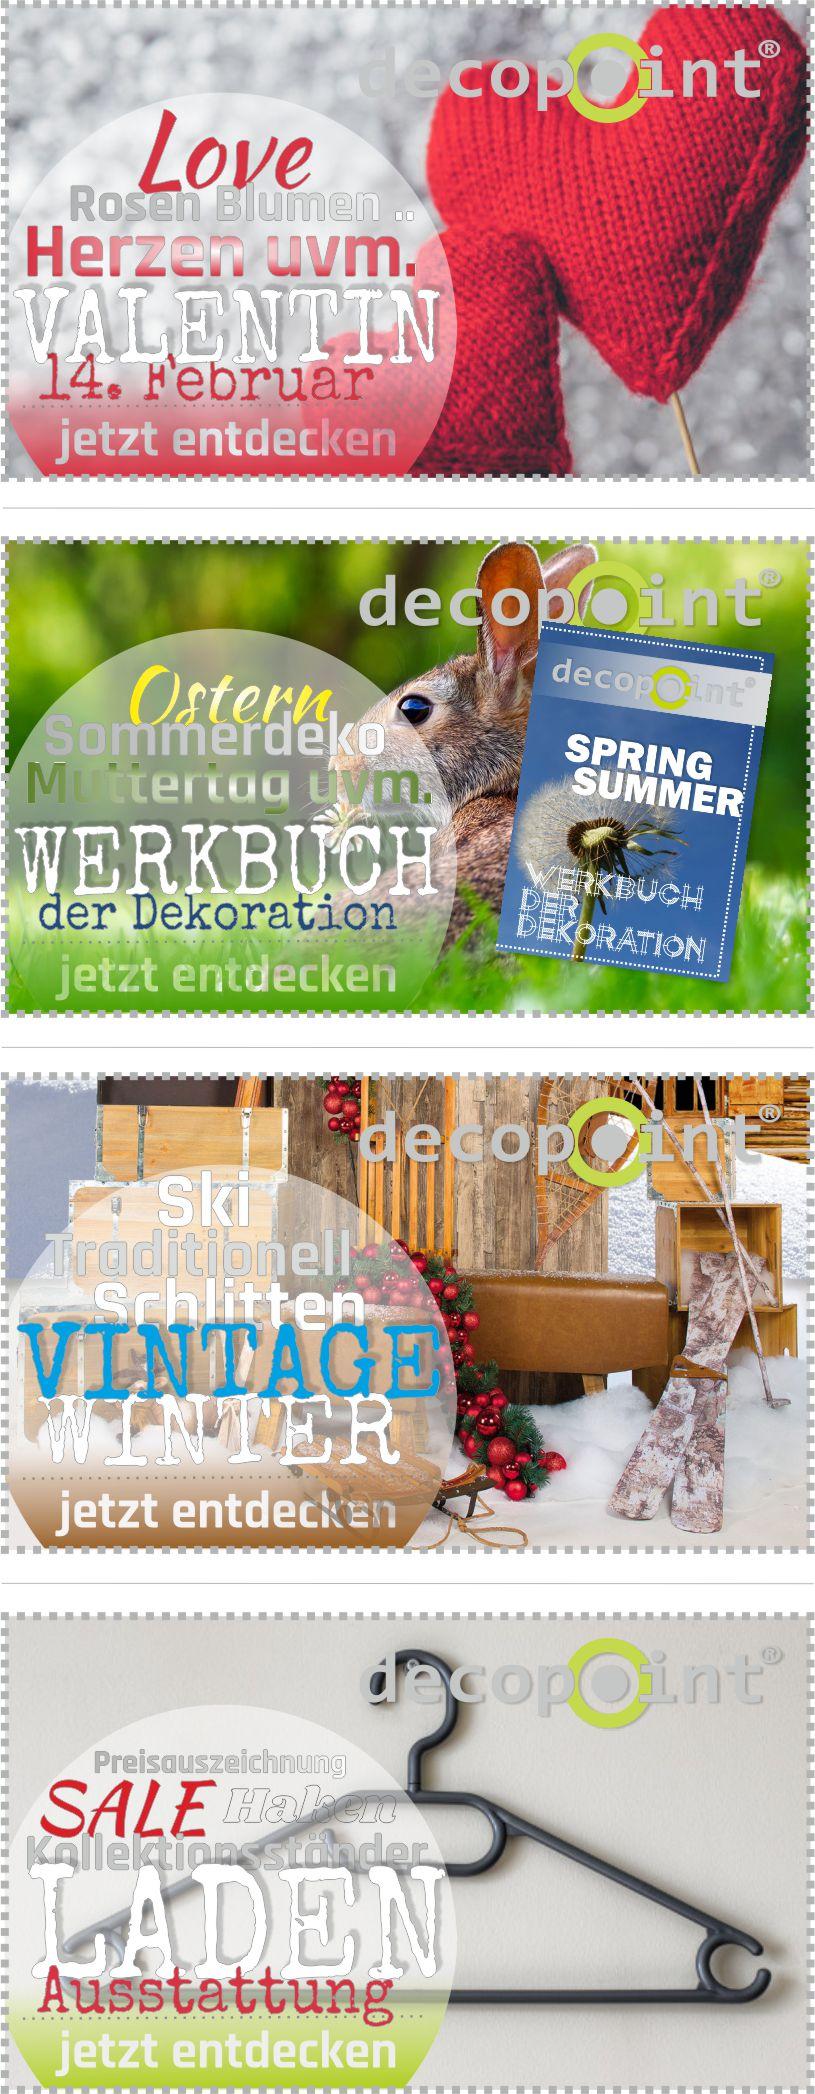 KW1 Valentin_Neuer Katalog_Vintage Winter_Ladenausstattung